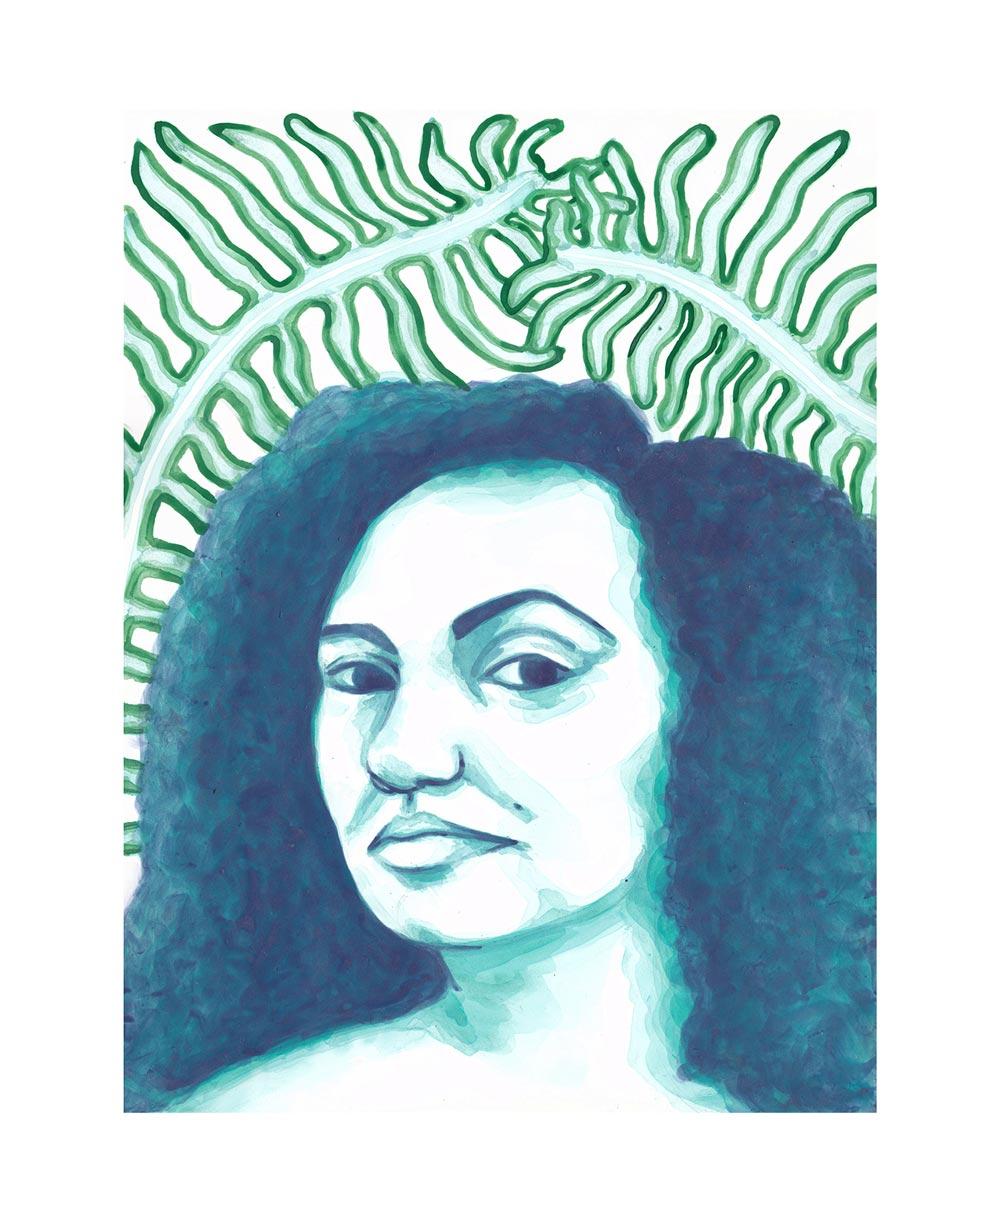 Laila na Bahia. Acrylic ink. 2018